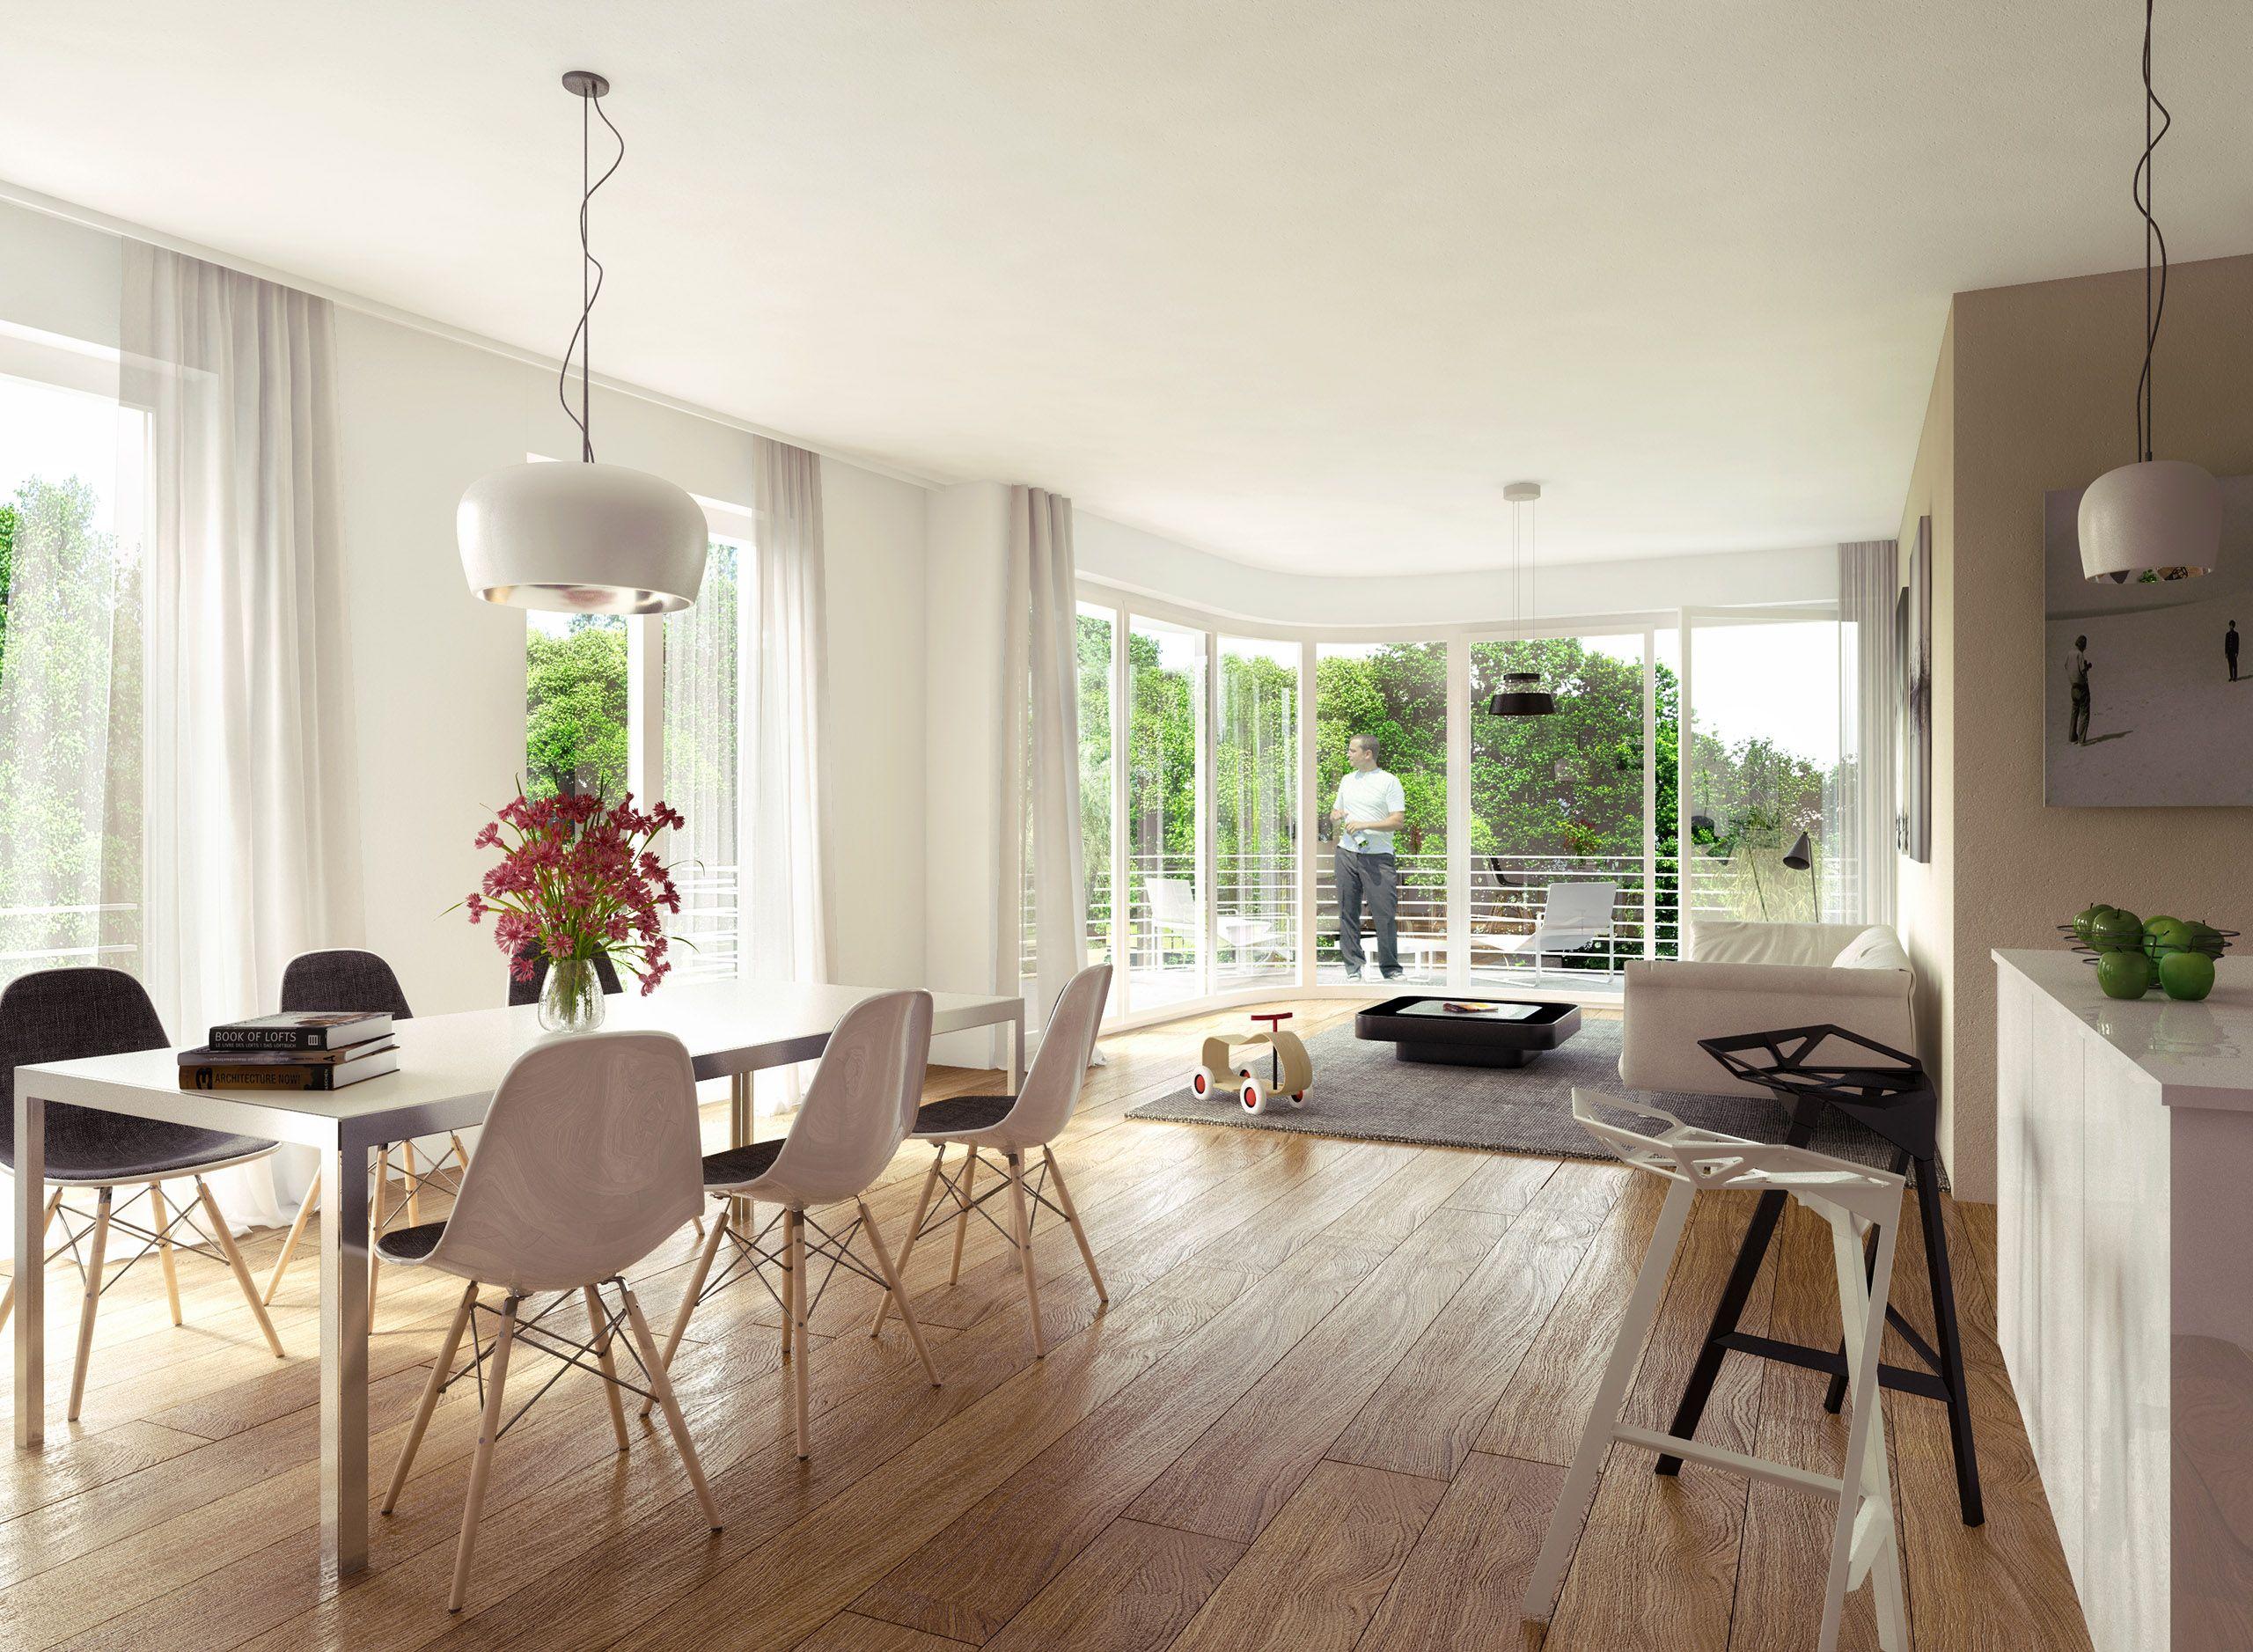 Architekturvisualisierung Berlin berlin weissensee loft kitchen render manufaktur architektur